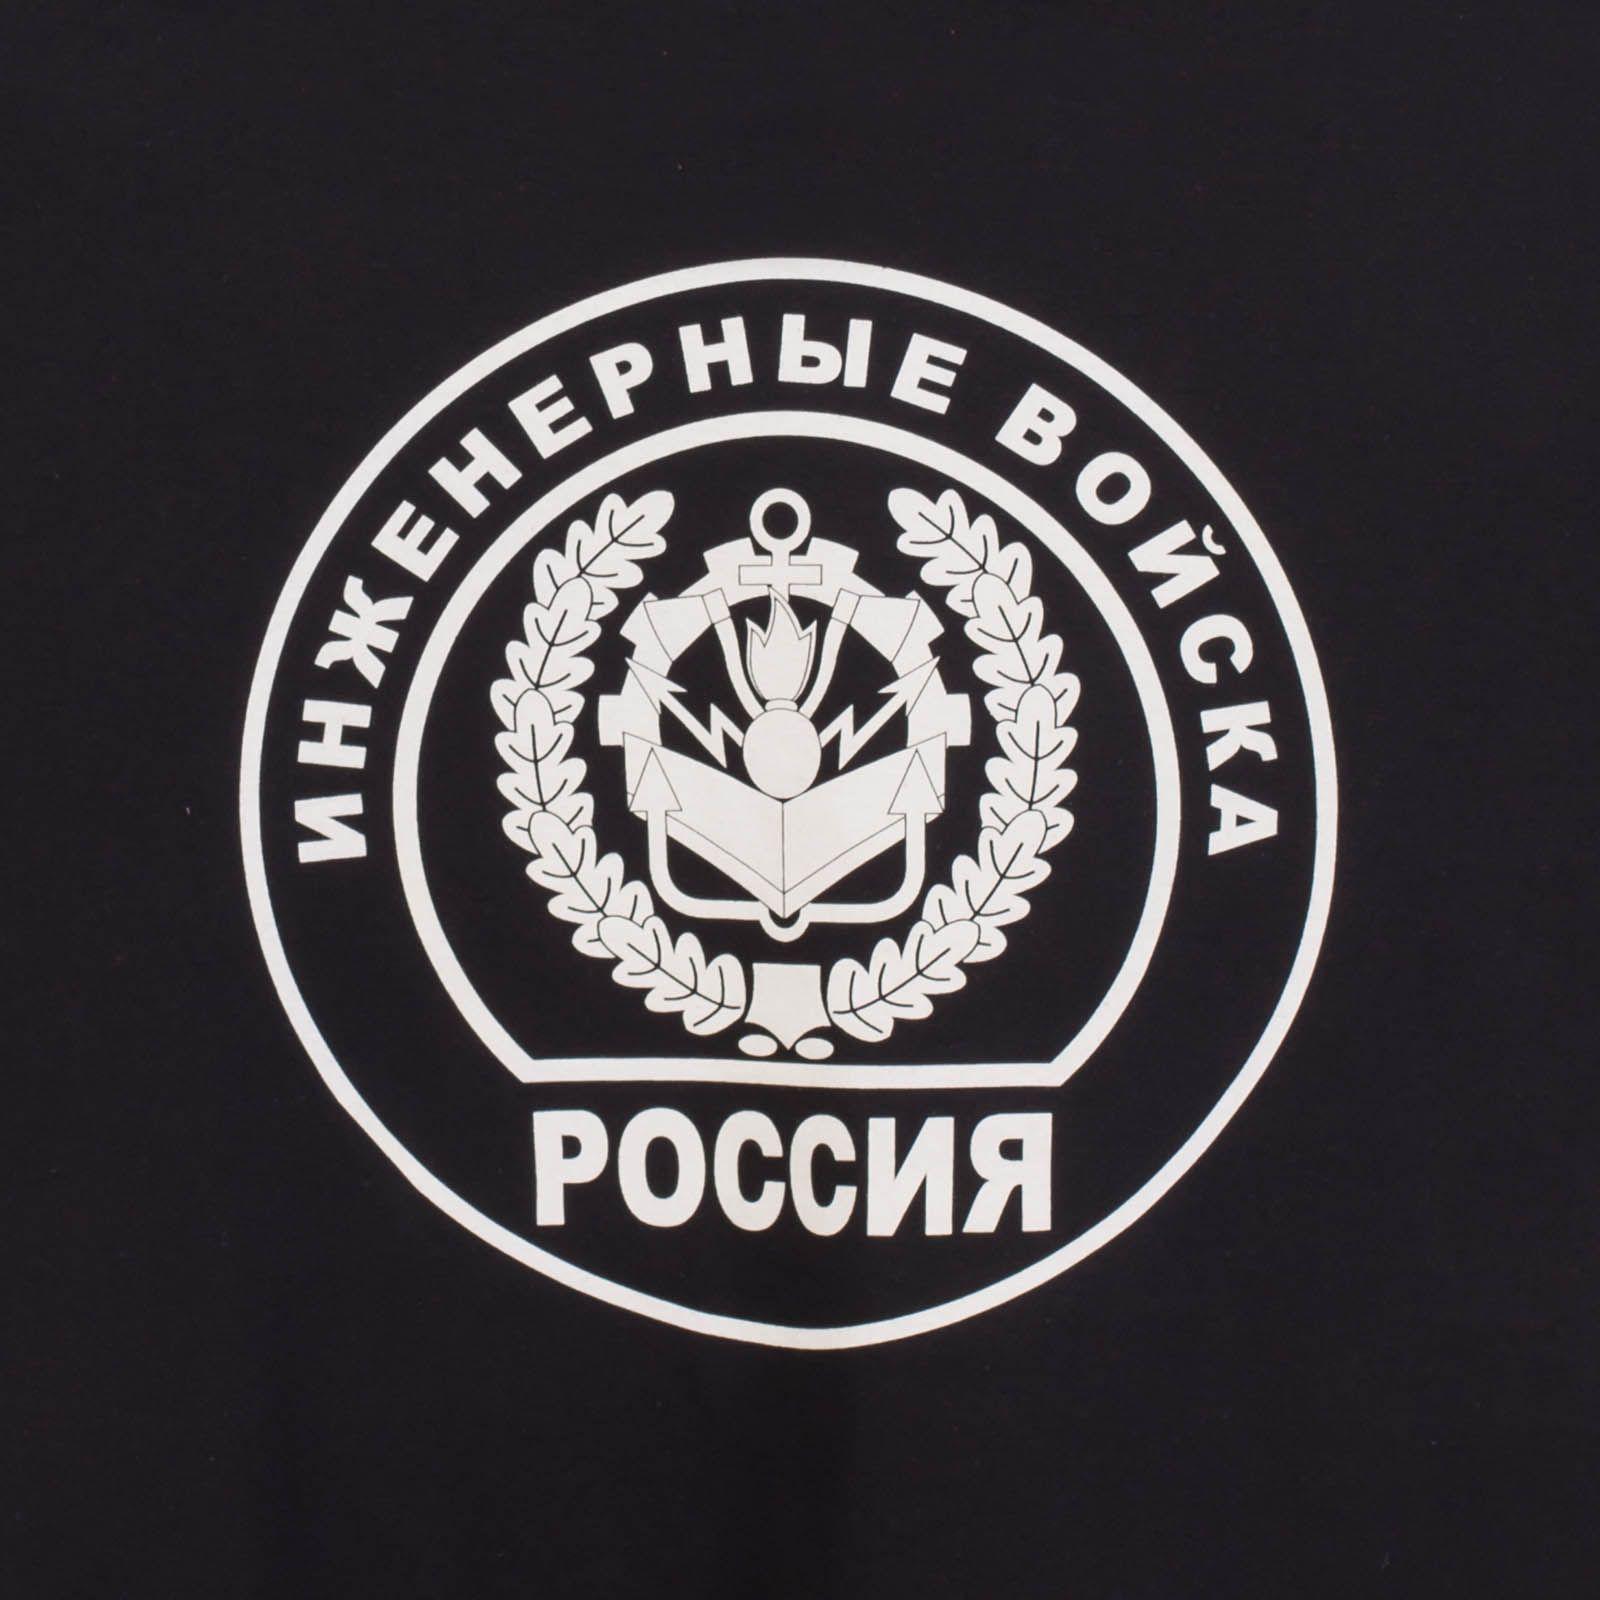 Армейская Футболка «Инженерные войска» - принт